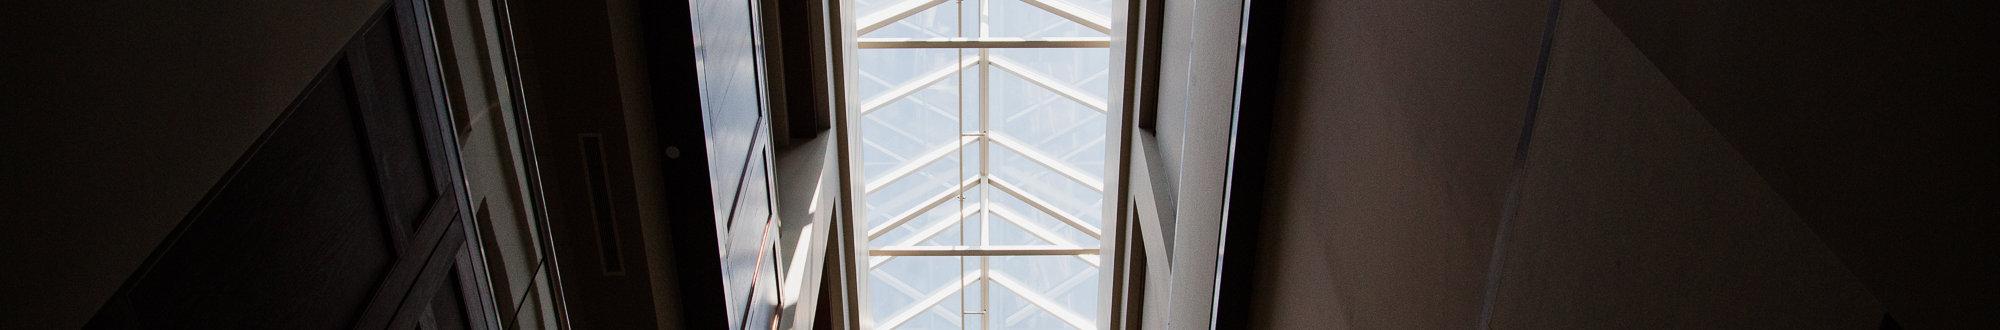 Architect's lobby